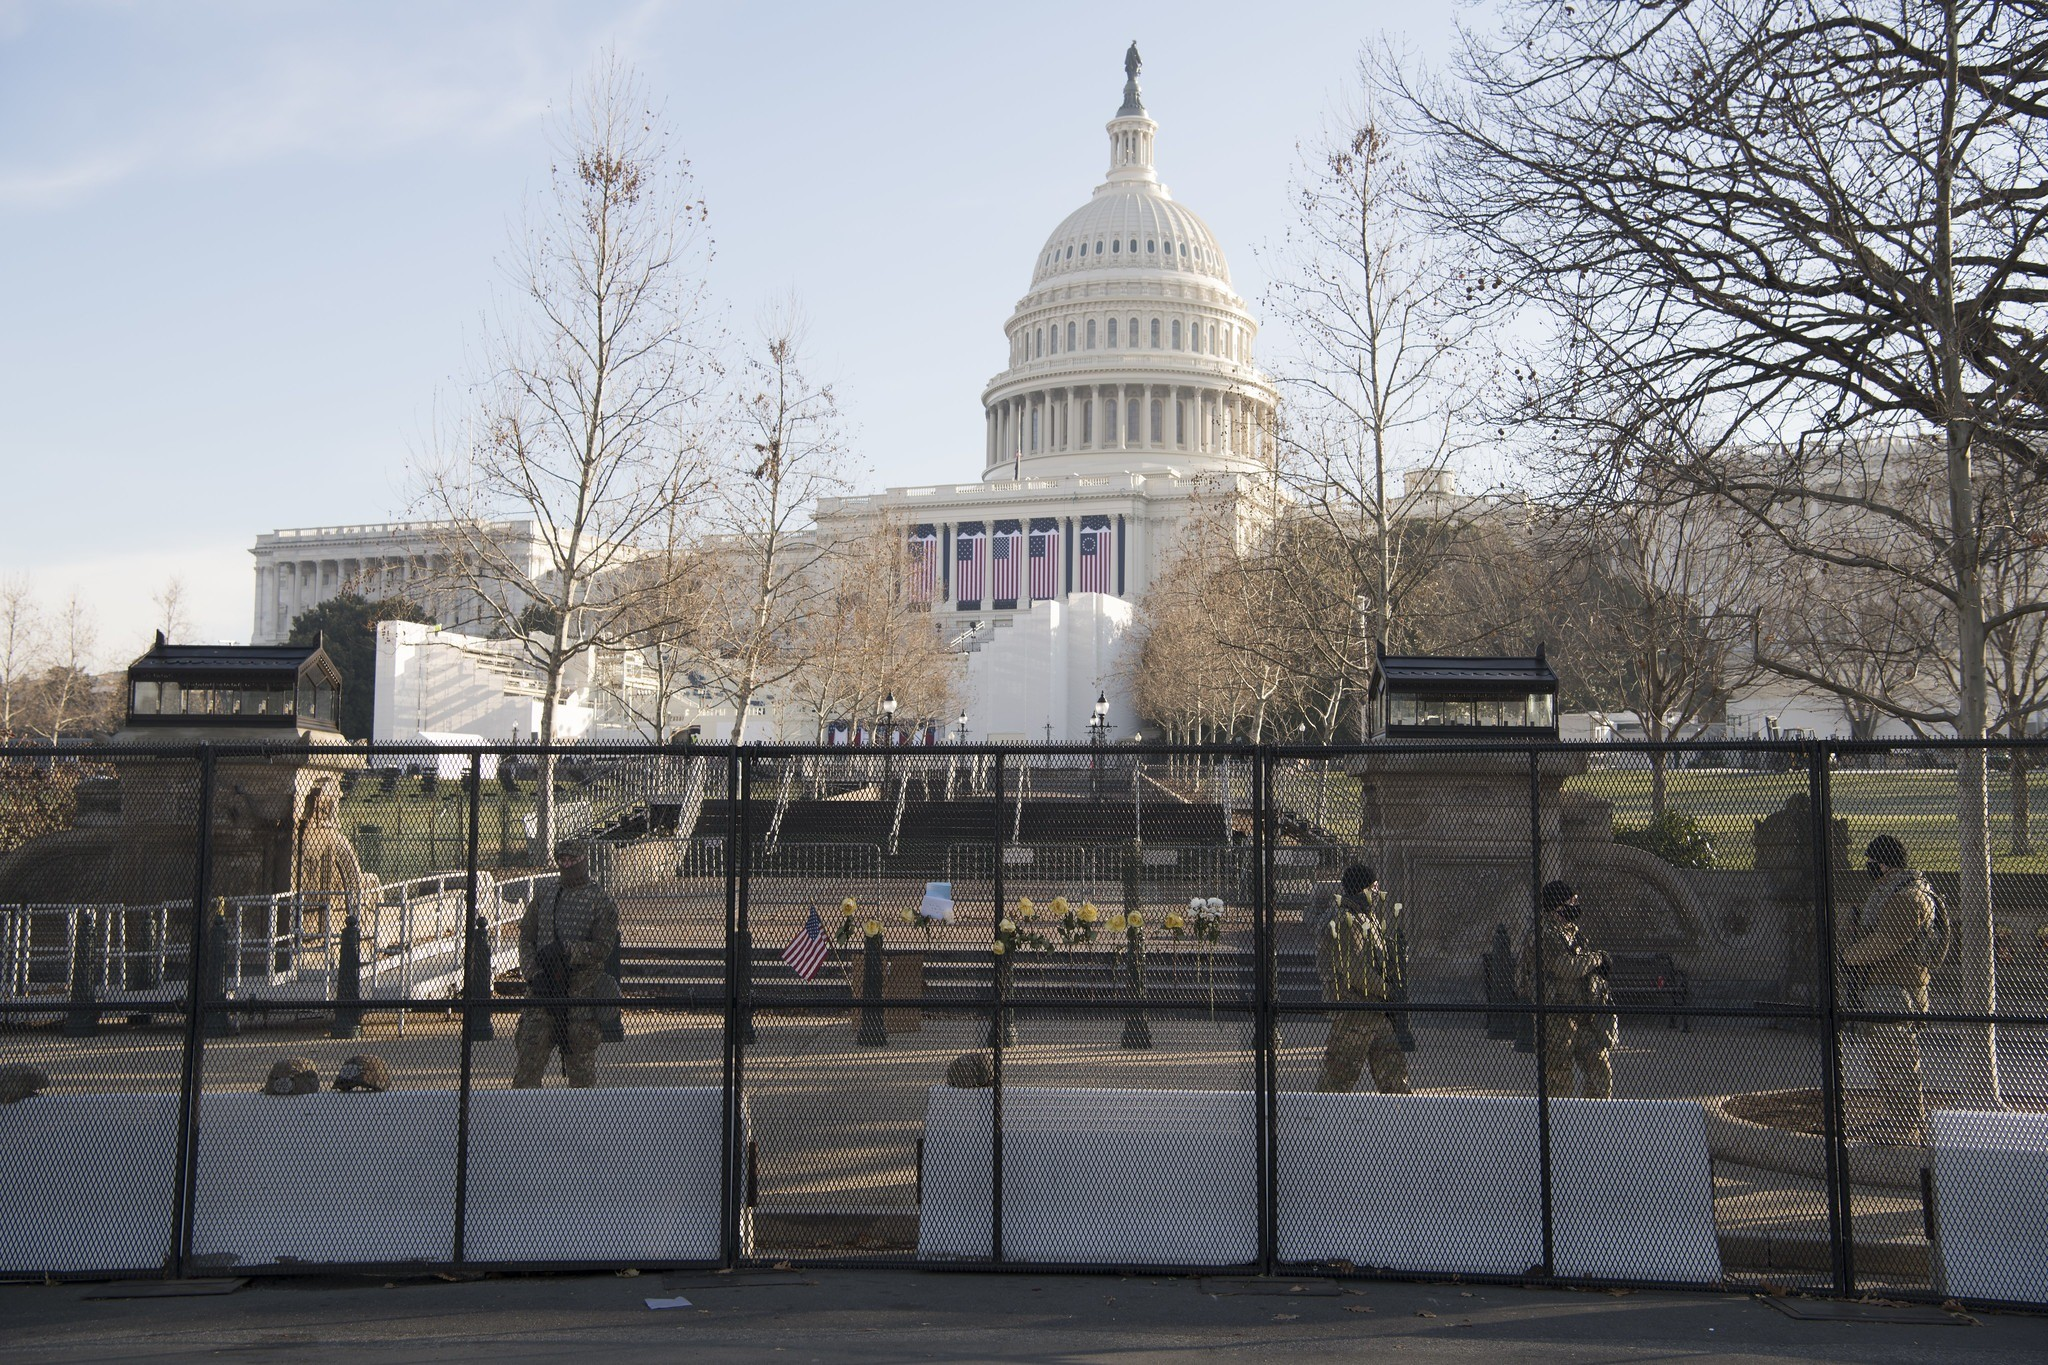 Guardas fazem segurança da Câmara dos Representantes, o Capitólio americano (Bryan Myhr/Guarda Nacional dos EUA/via Fotos Públicas)